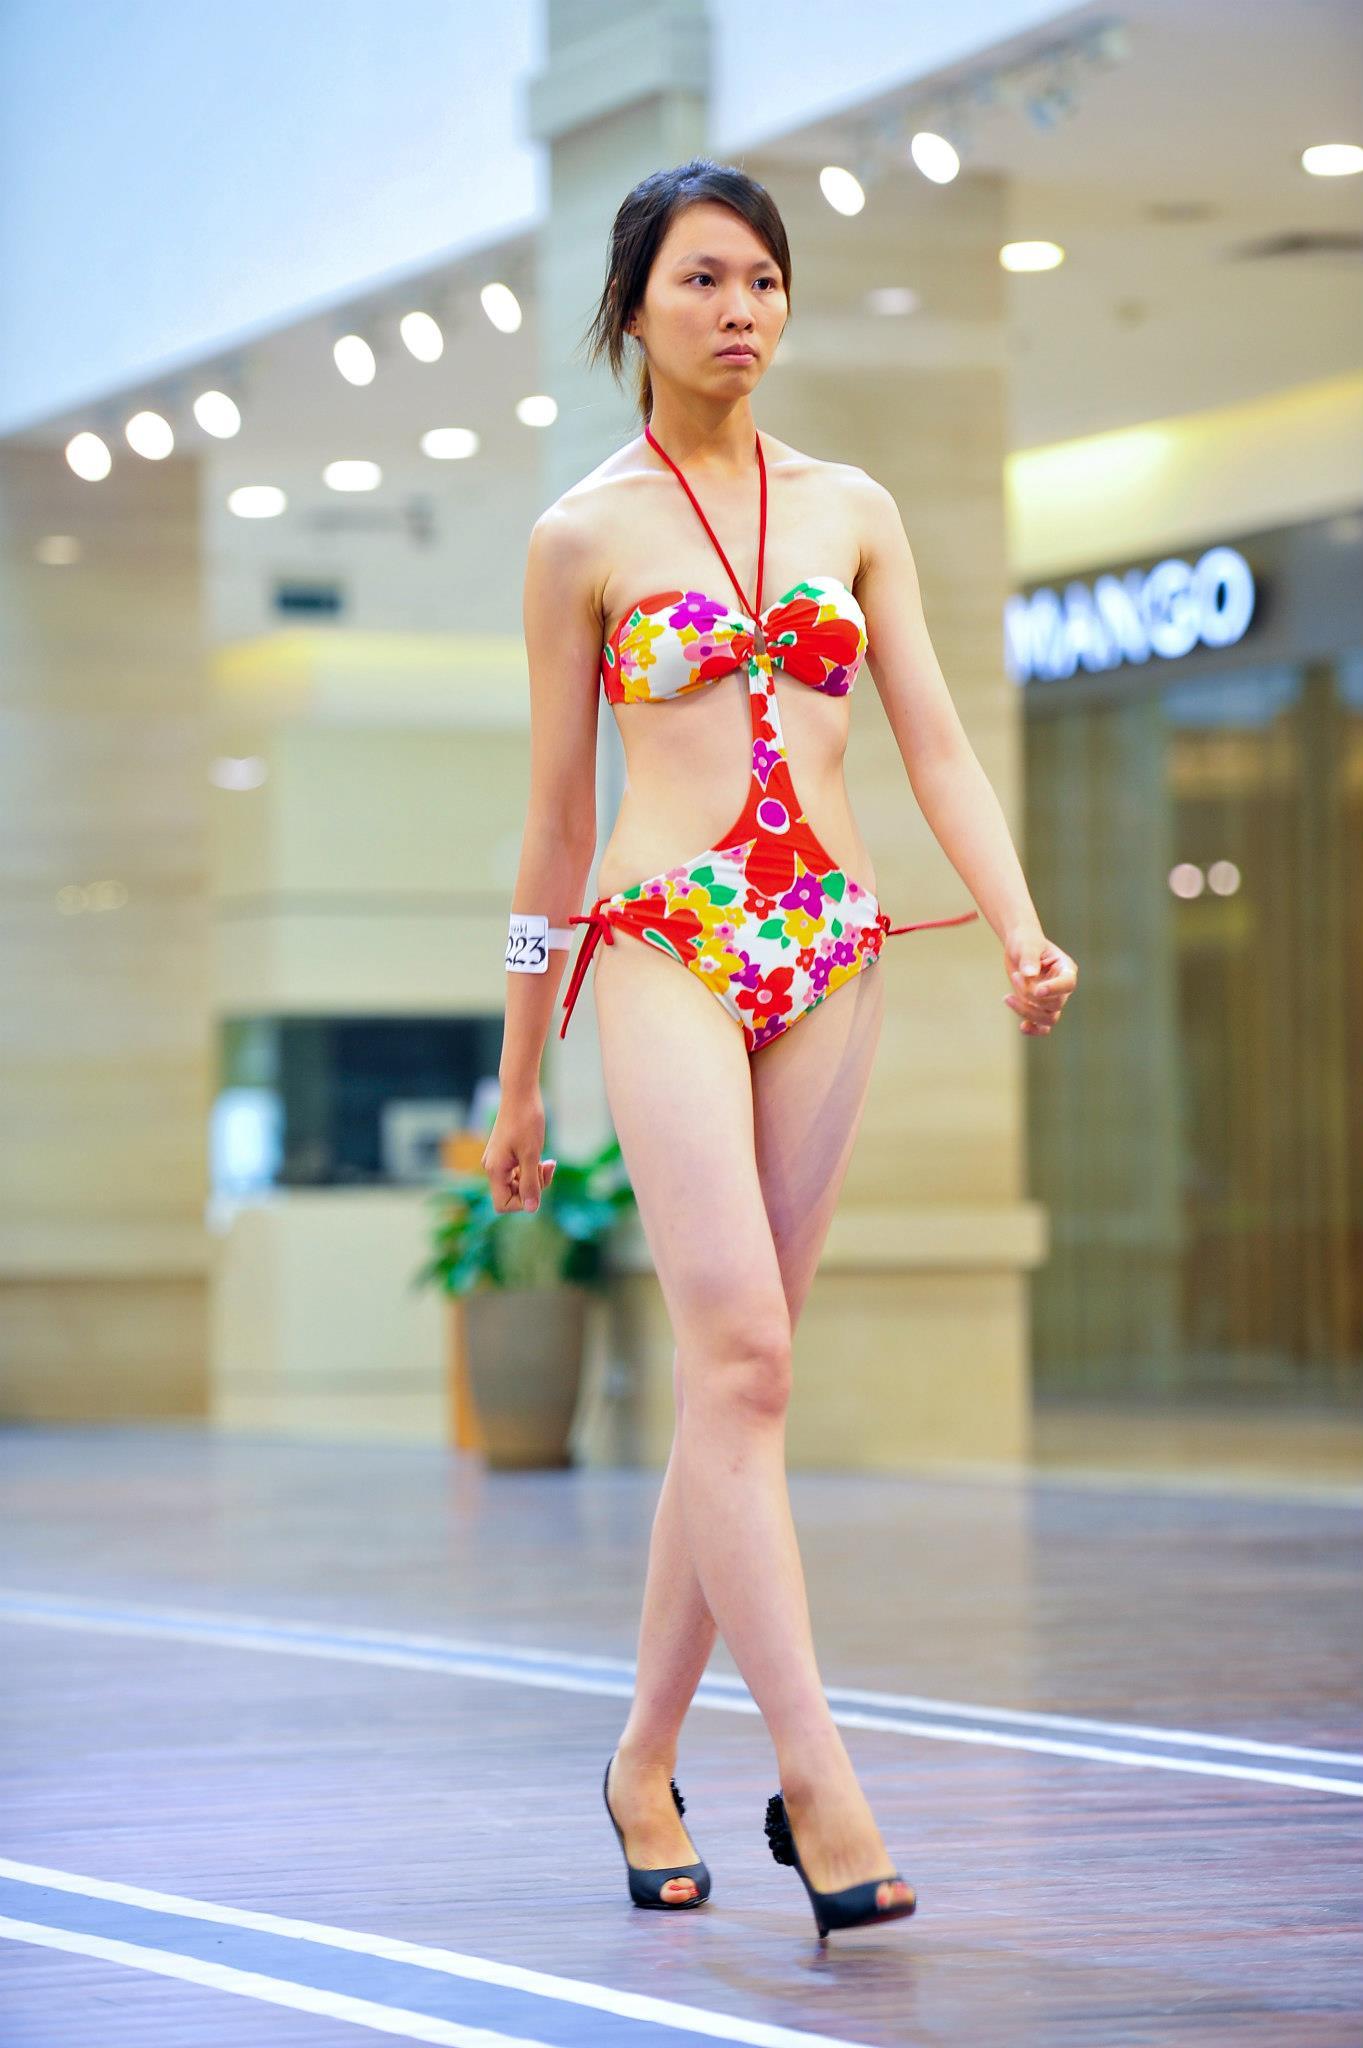 Mặc đồng phục, đeo dép lê đi thi Vietnams Next Top Model, cô gái này đã có màn lột xác ngoạn mục 1 năm sau đó! - Ảnh 6.